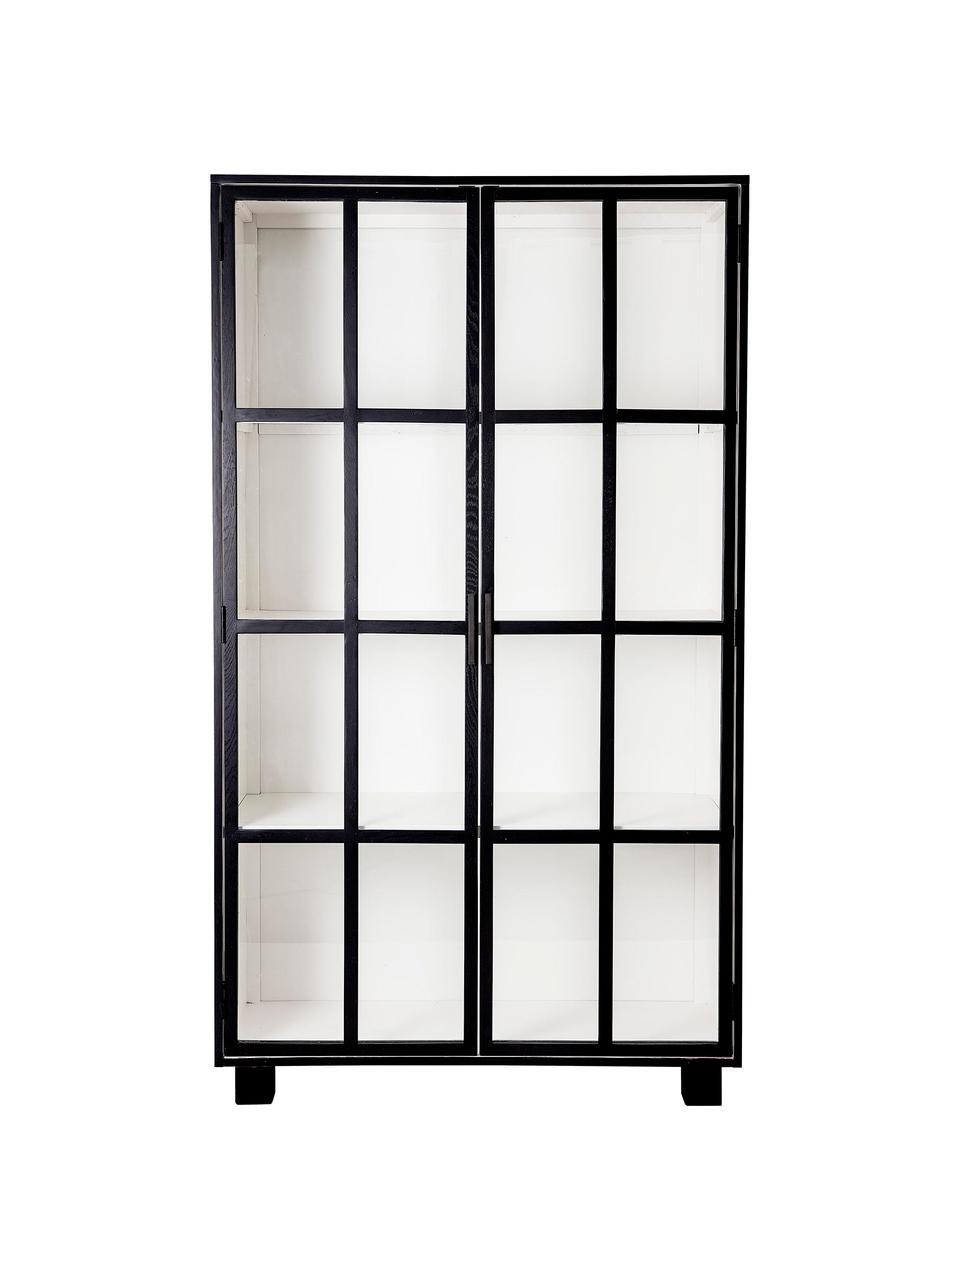 Witryna ze szklanymi drzwiczkami Isbel, Korpus: płyta pilśniowa średniej , Czarny, biały, S 114 x D 200 cm